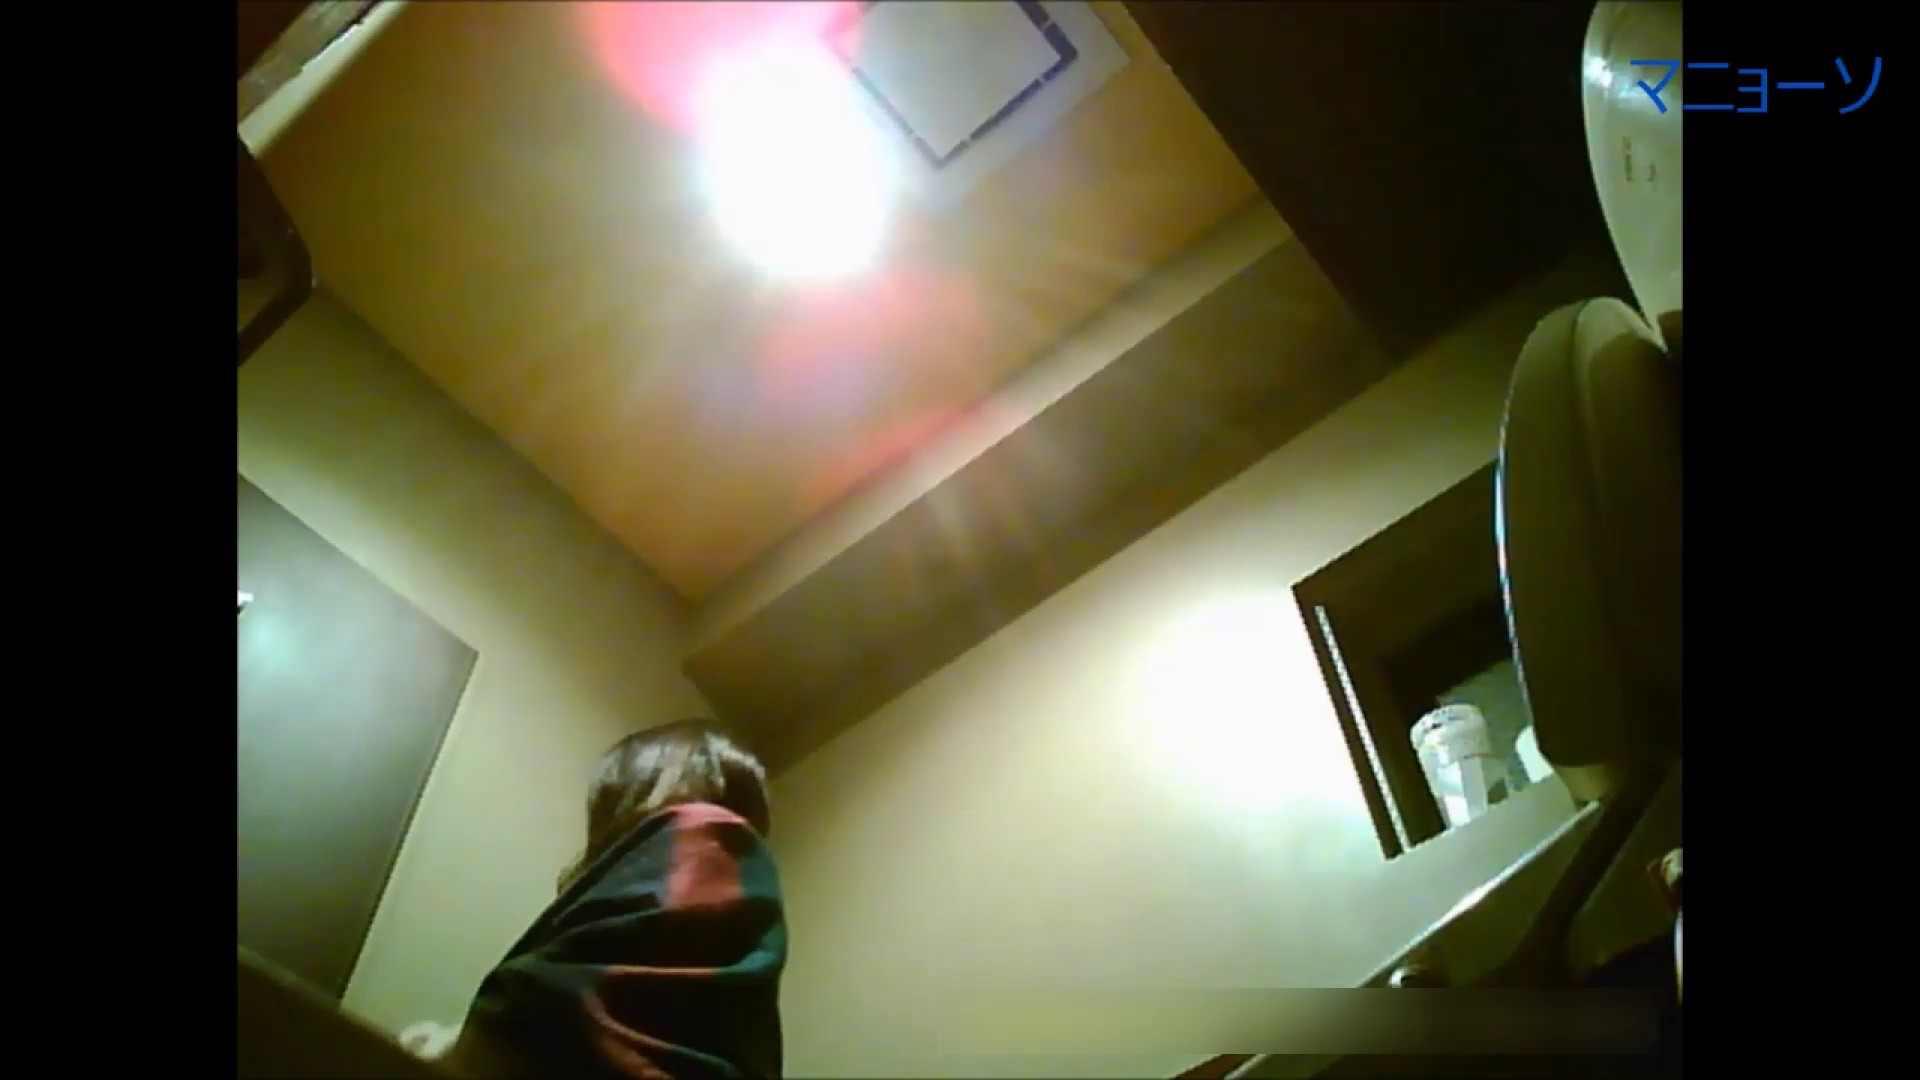 トイレでひと肌脱いでもらいました (JD編)Vol.01 OL  93pic 5